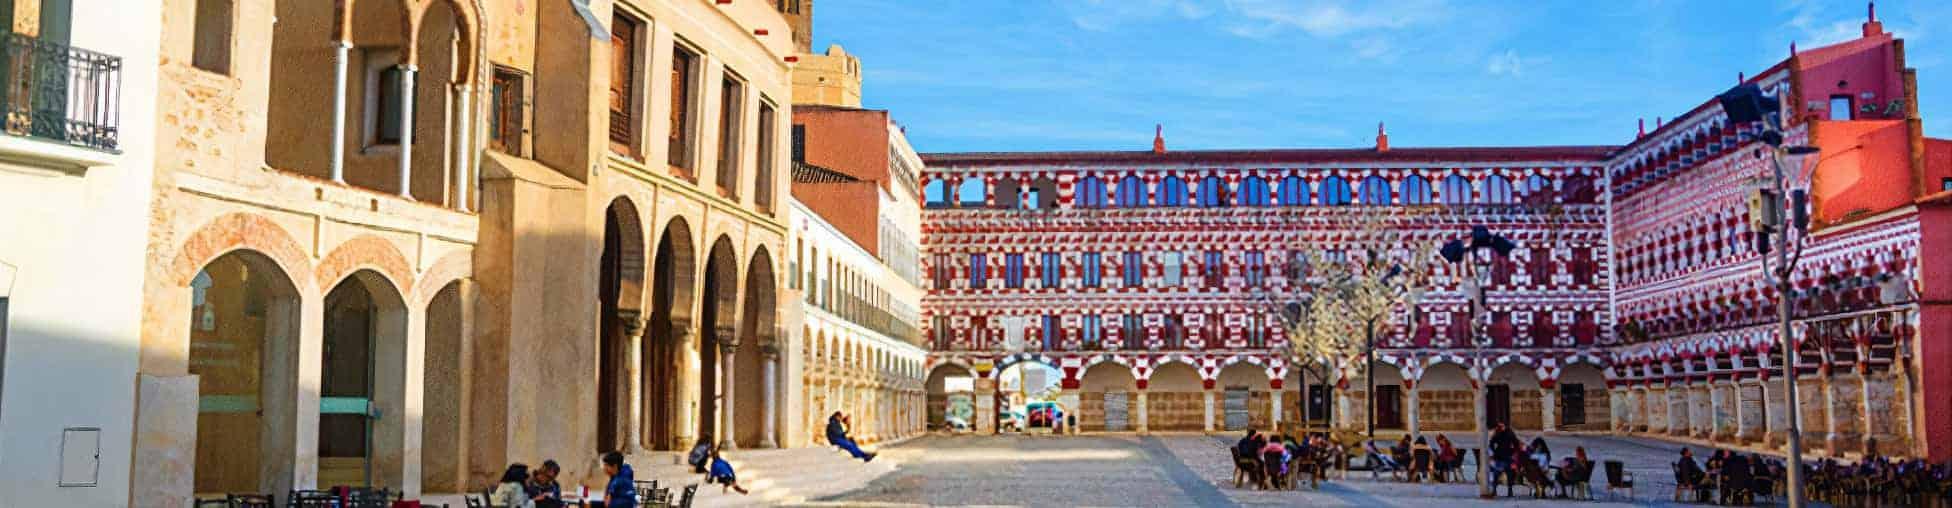 Free tour Badajoz - Turismo de España